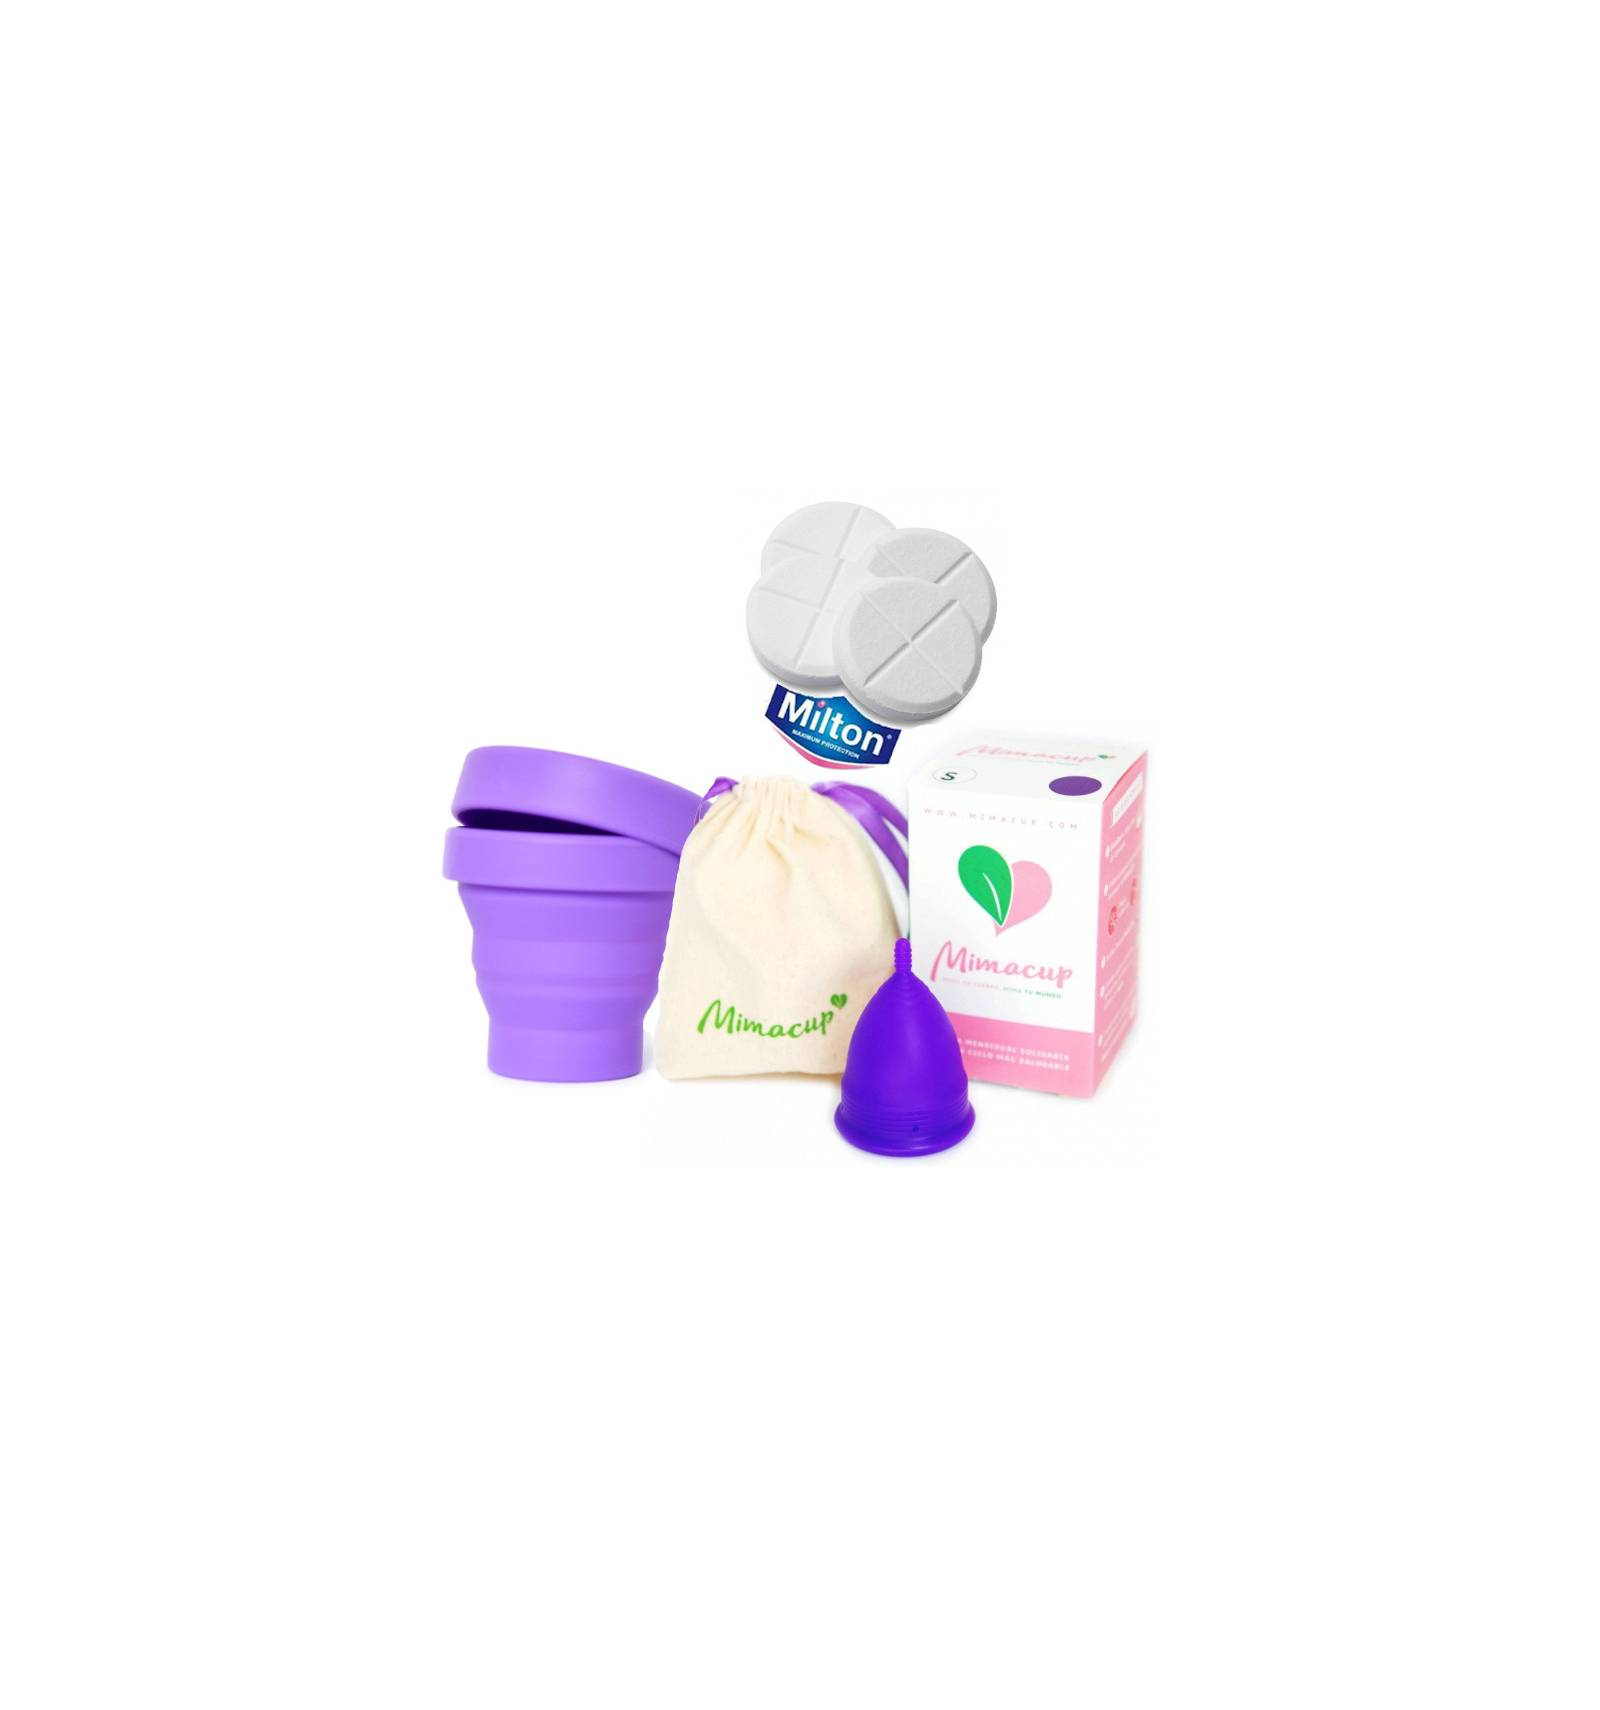 Pack Mimacup con esterilizador Mimaclean y pastillas Milton